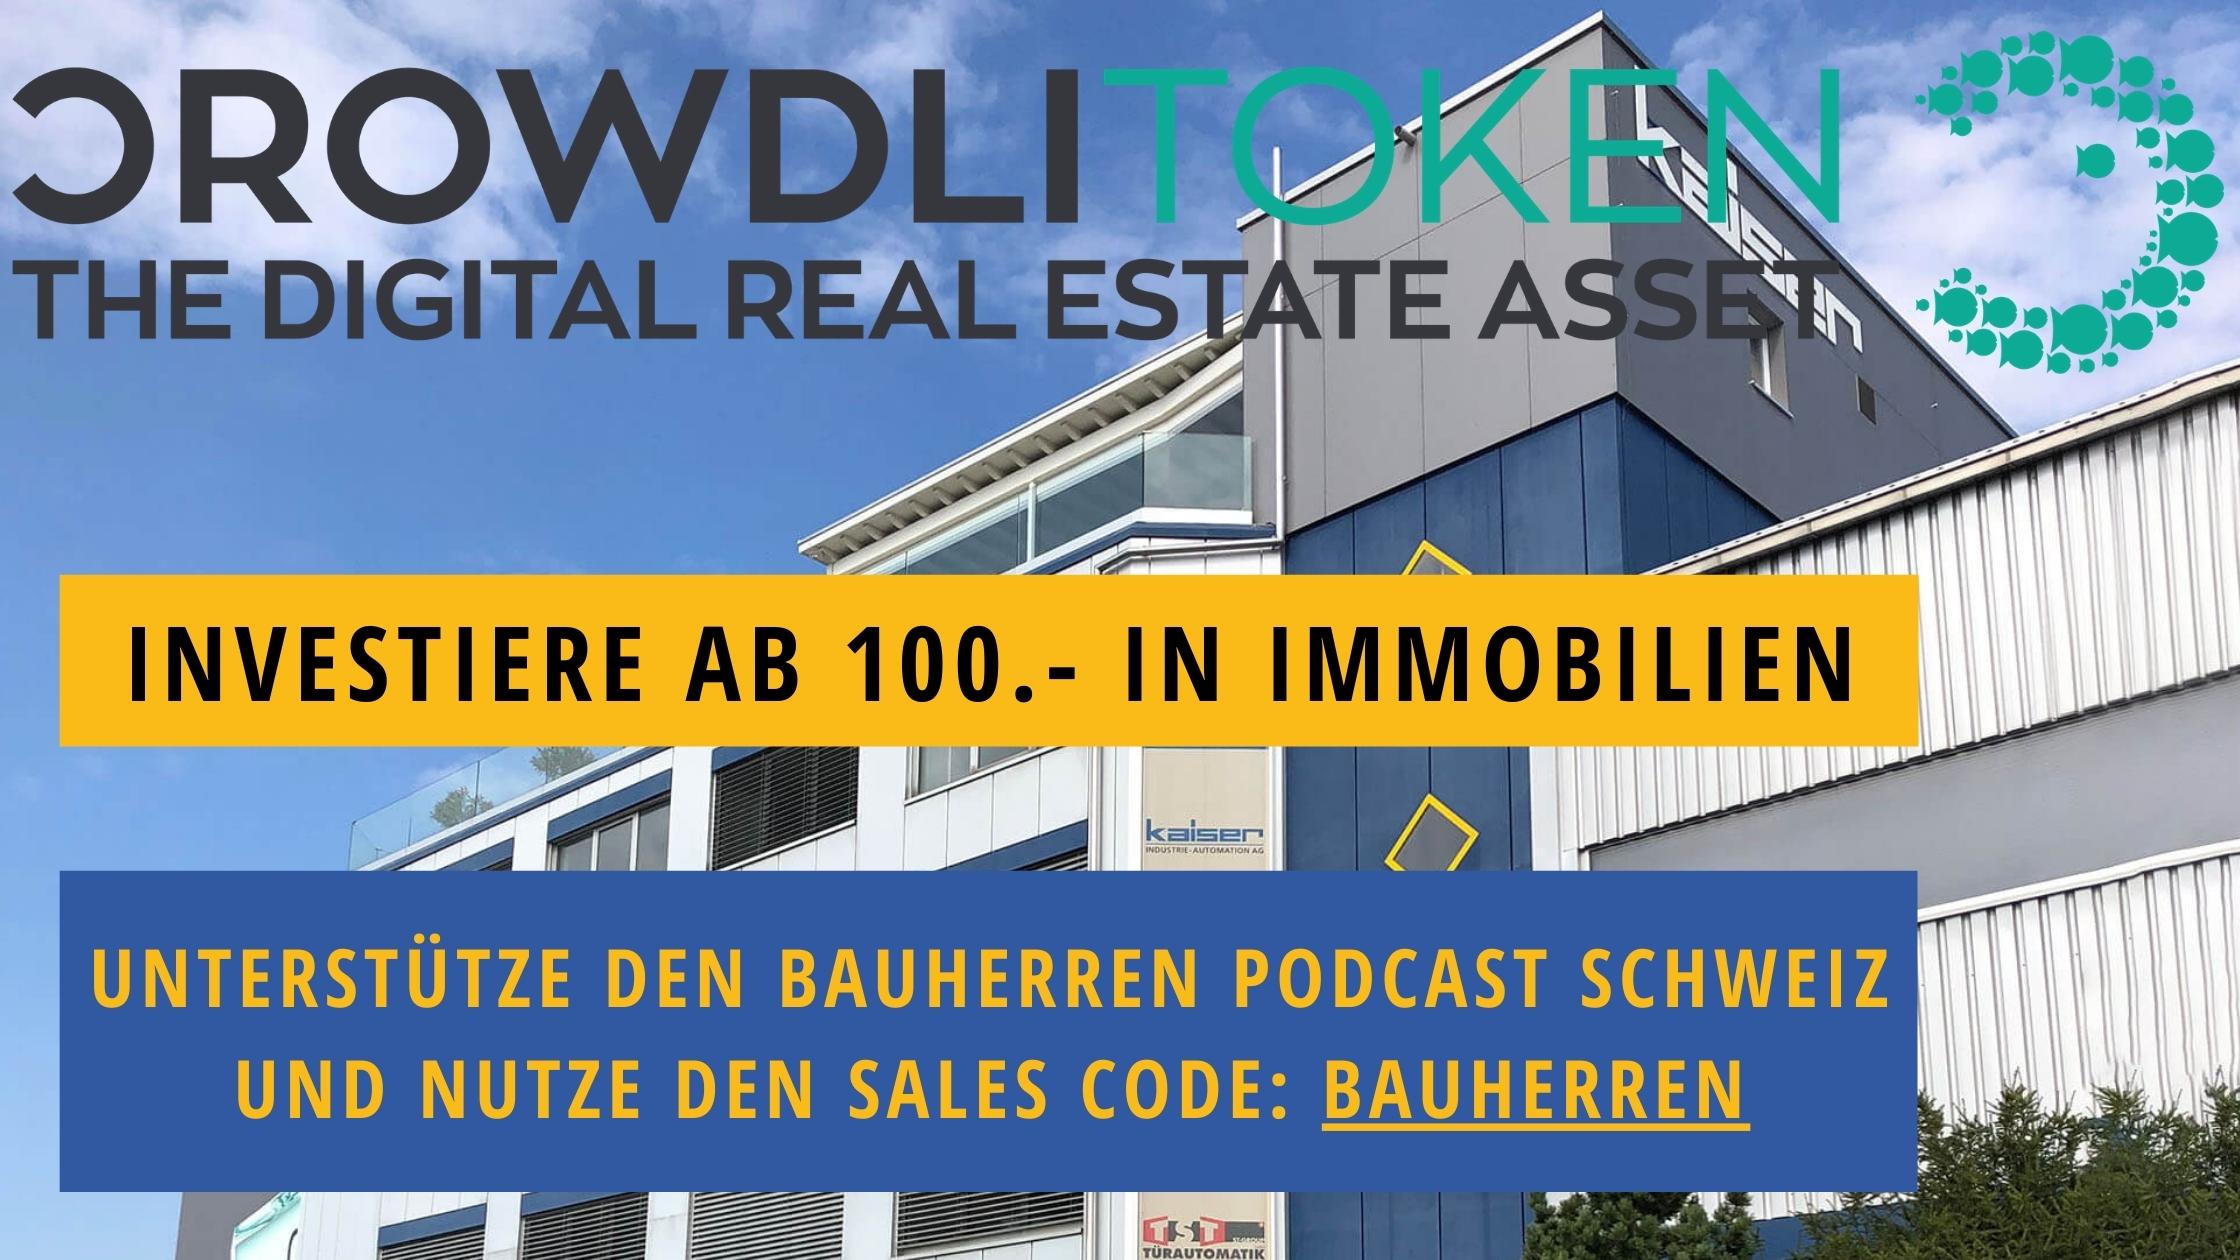 in-Immobilien-investieren-bauherren-podcast-schweiz-marco-fehr